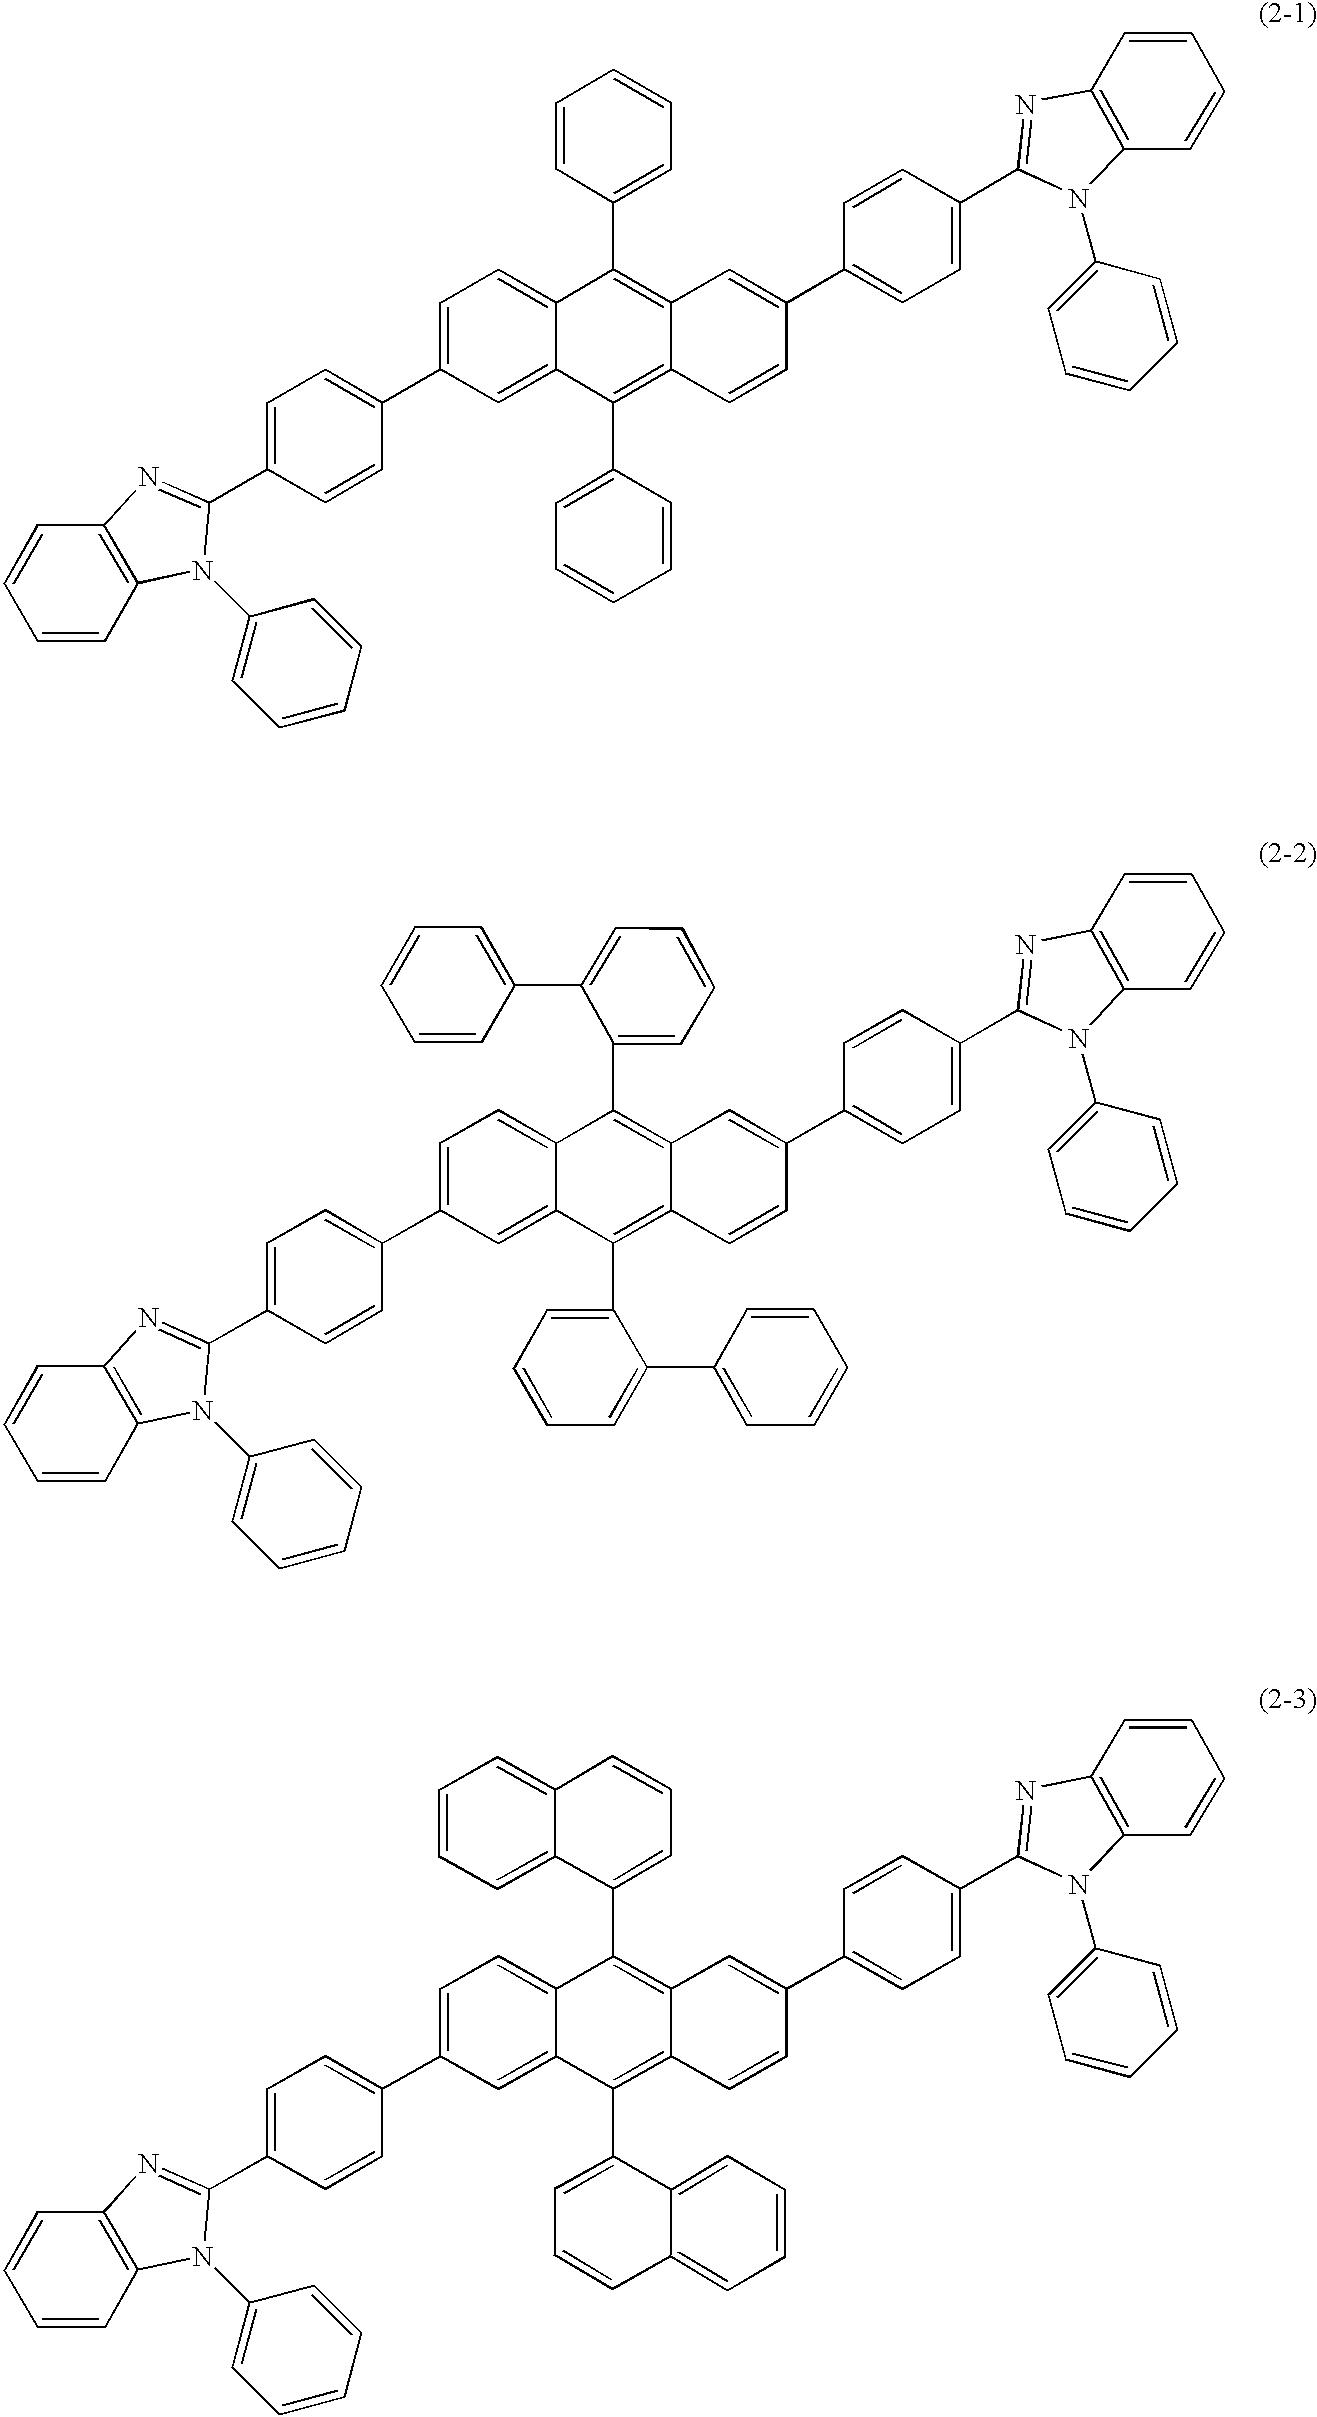 Figure US20030165715A1-20030904-C00026